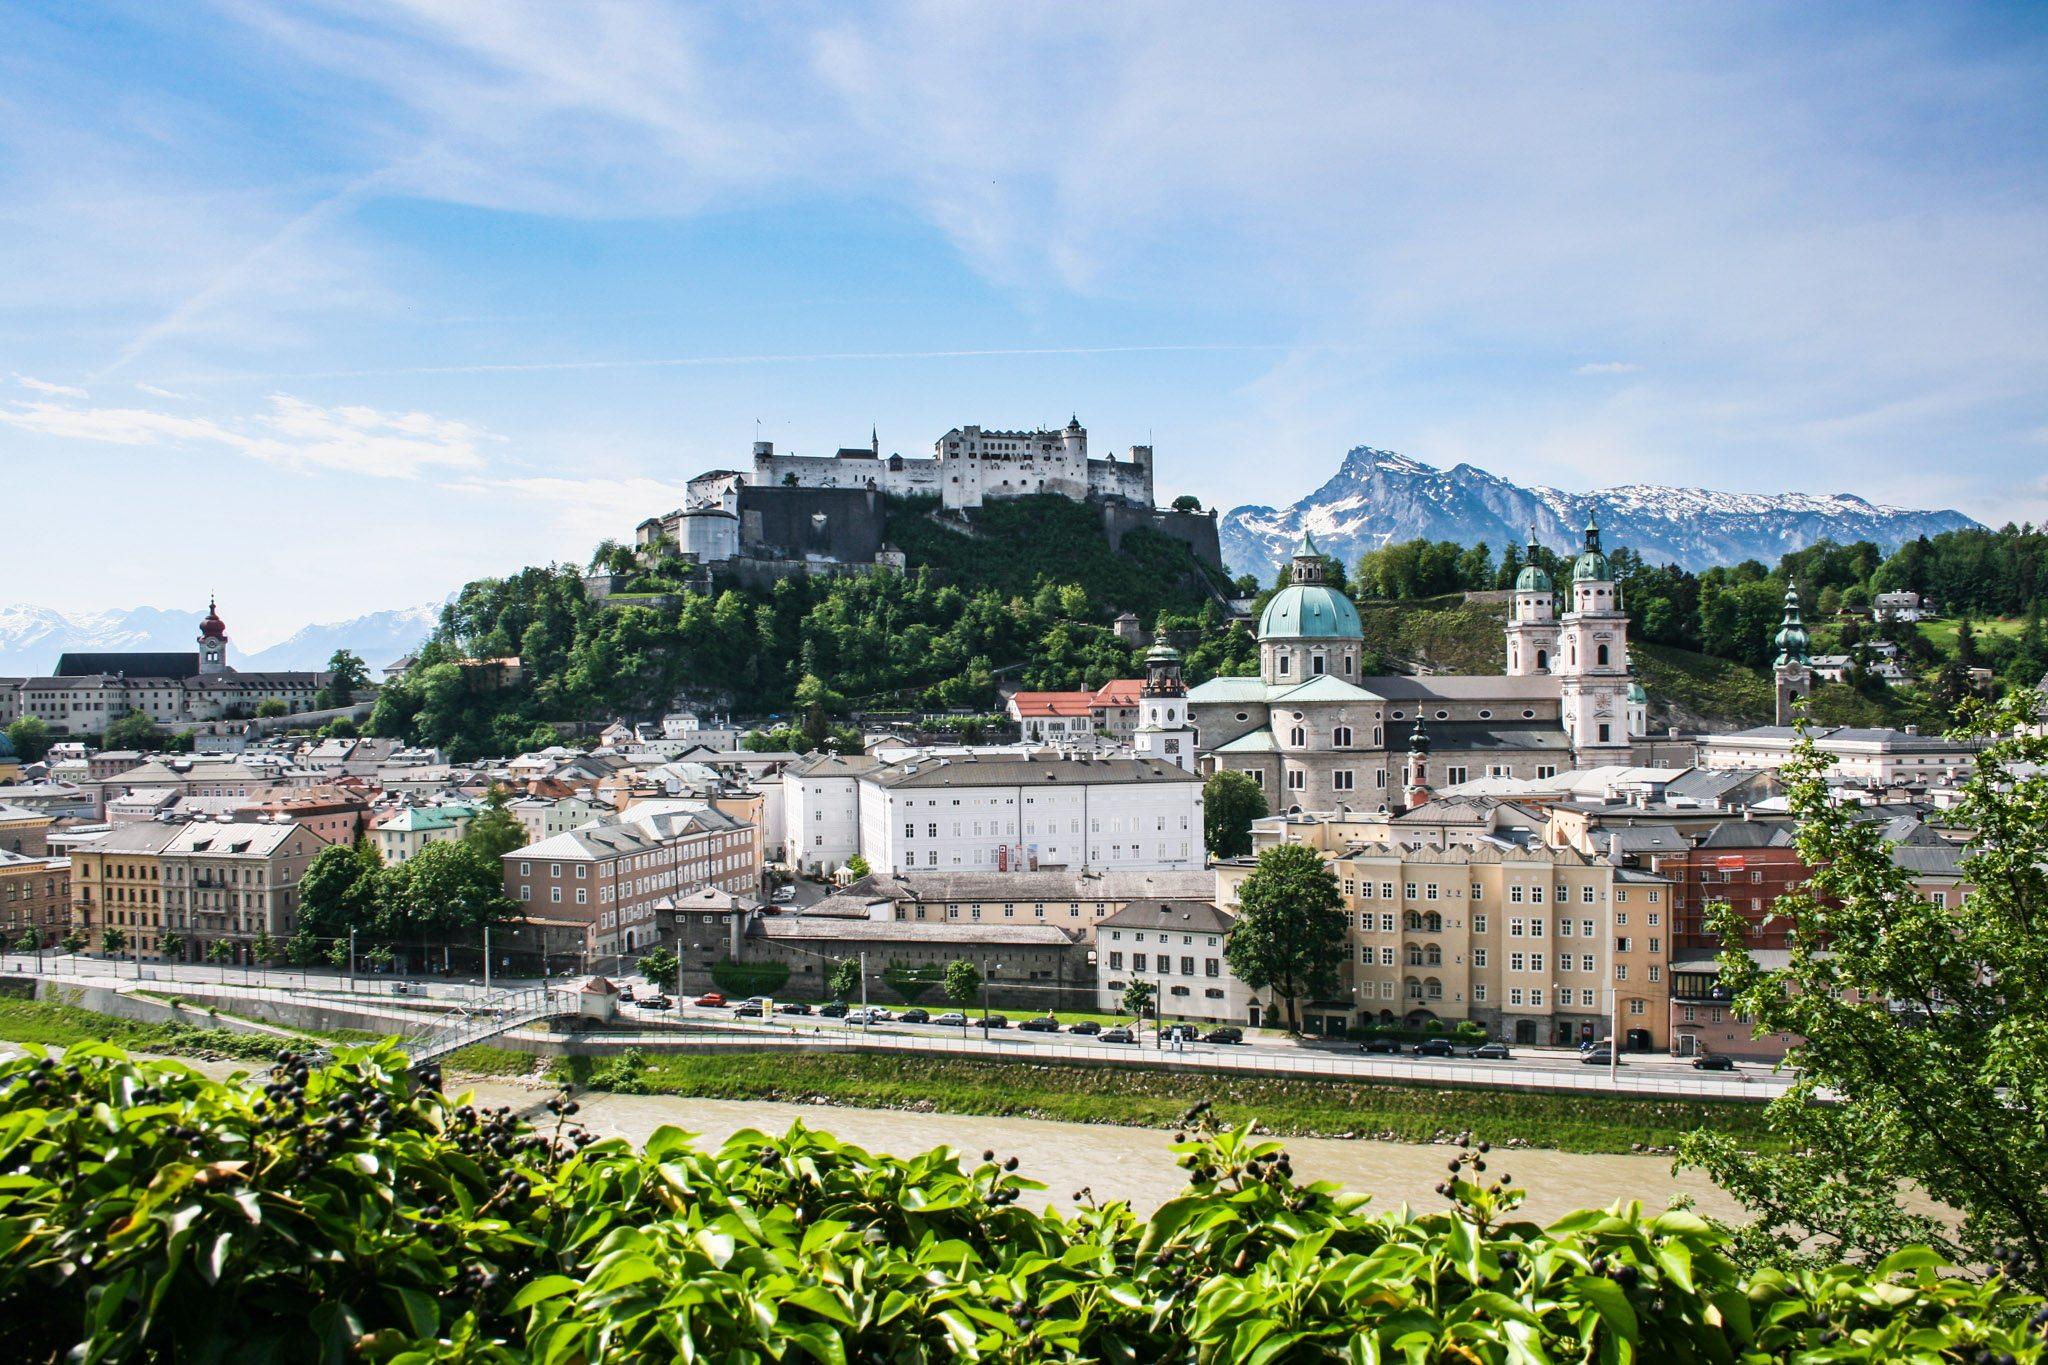 Blick vom Kapuzinerberg auf die Altstadt und die Festung Hohensalzburg